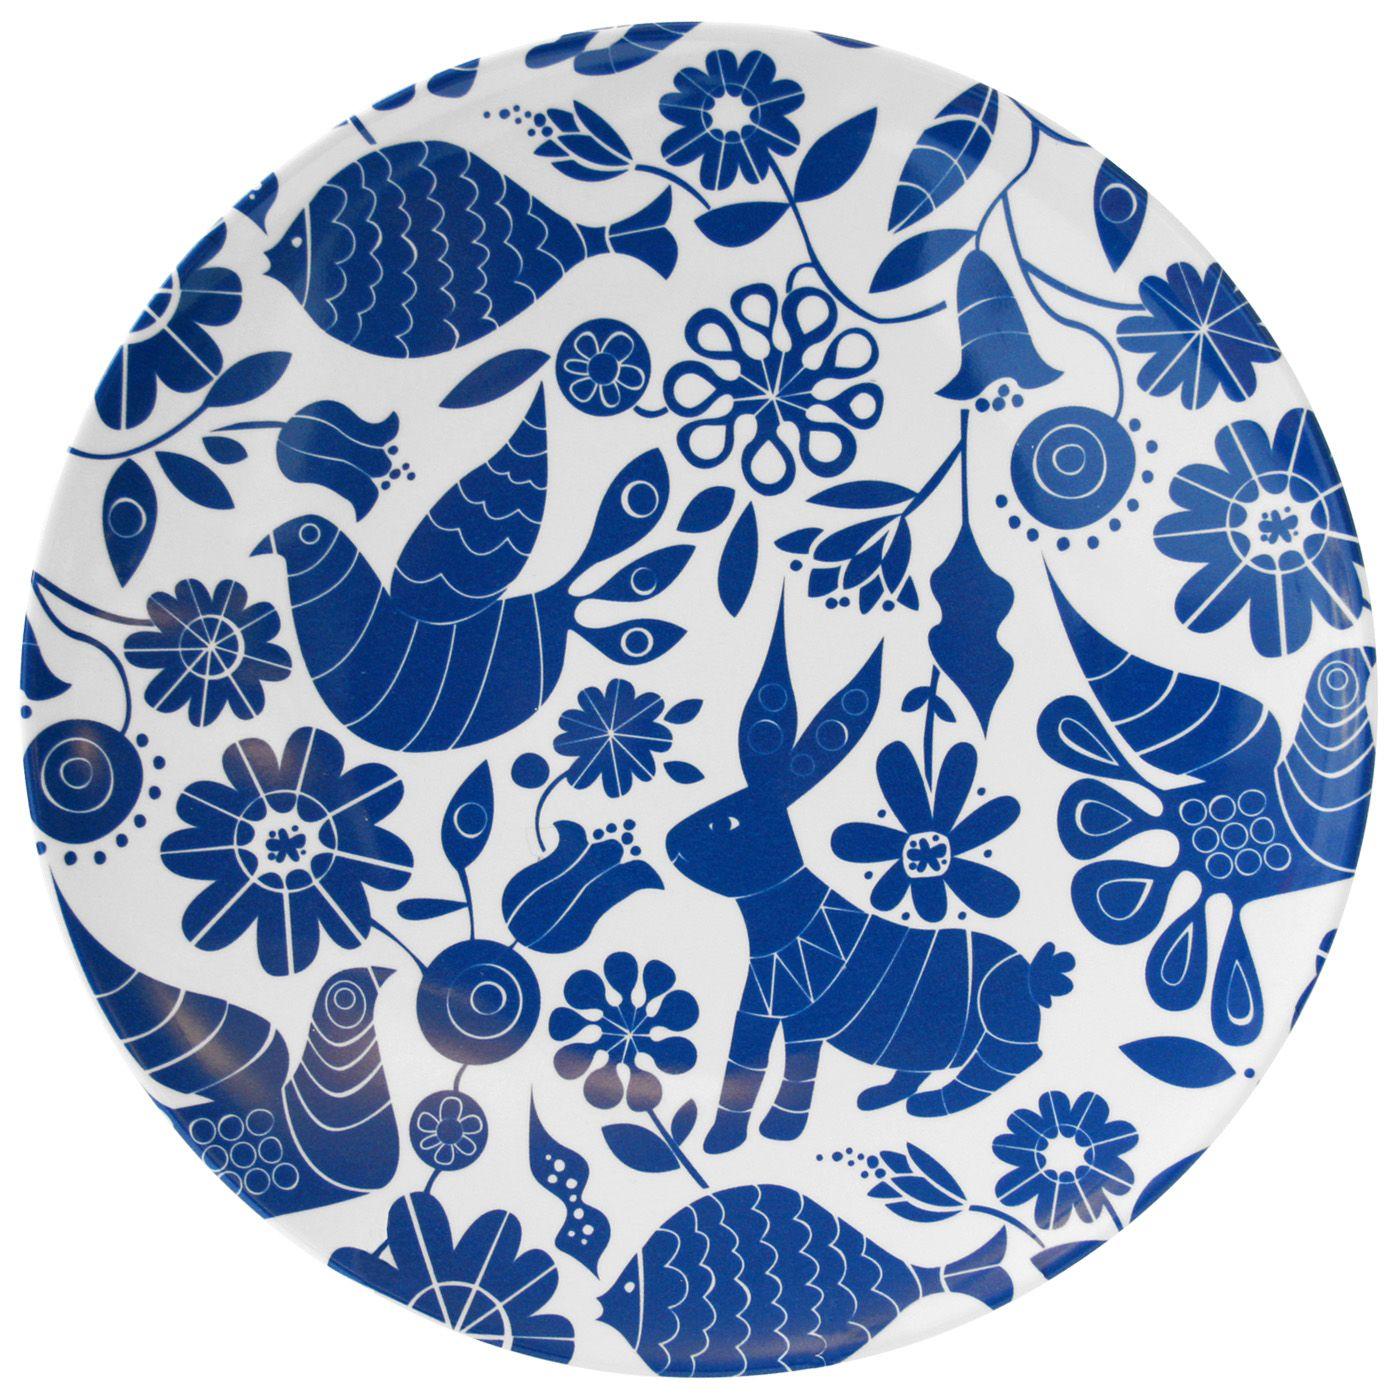 Acapulco dinner plate : Jonathan Adler | blue | white | Pinterest ...